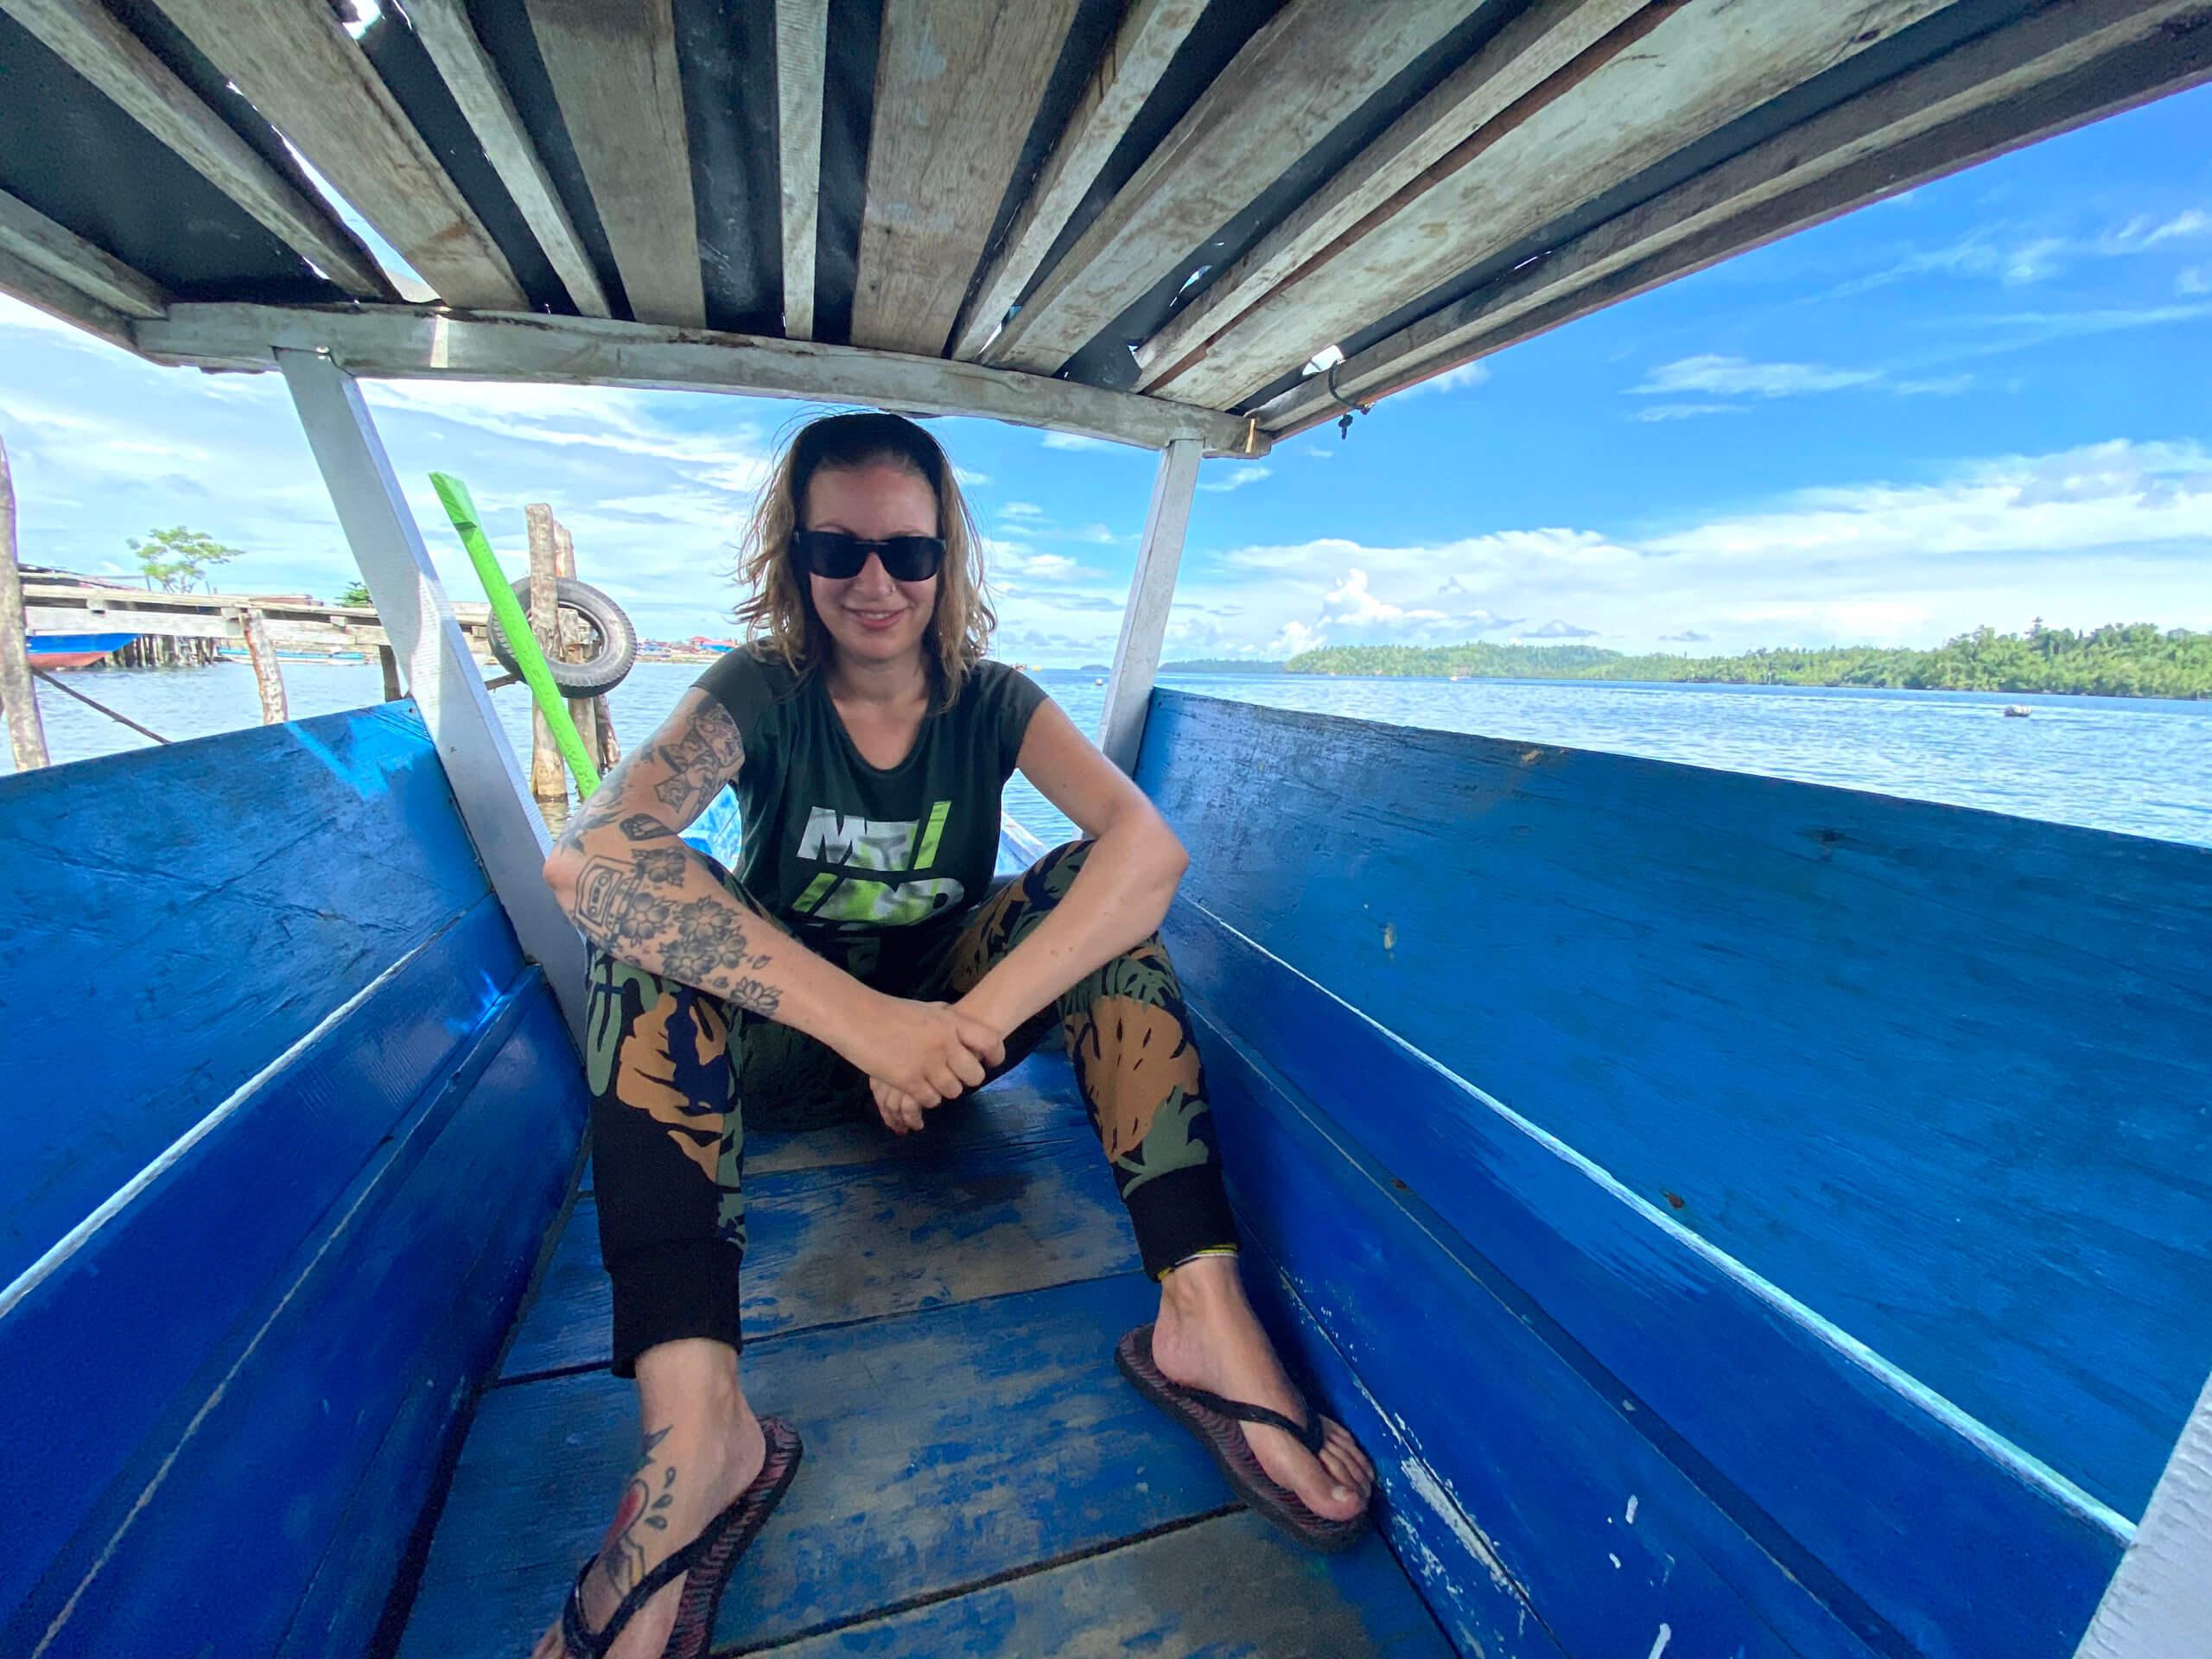 Surcando las aguas de las islas Togean de Sulawesi en Indonesia